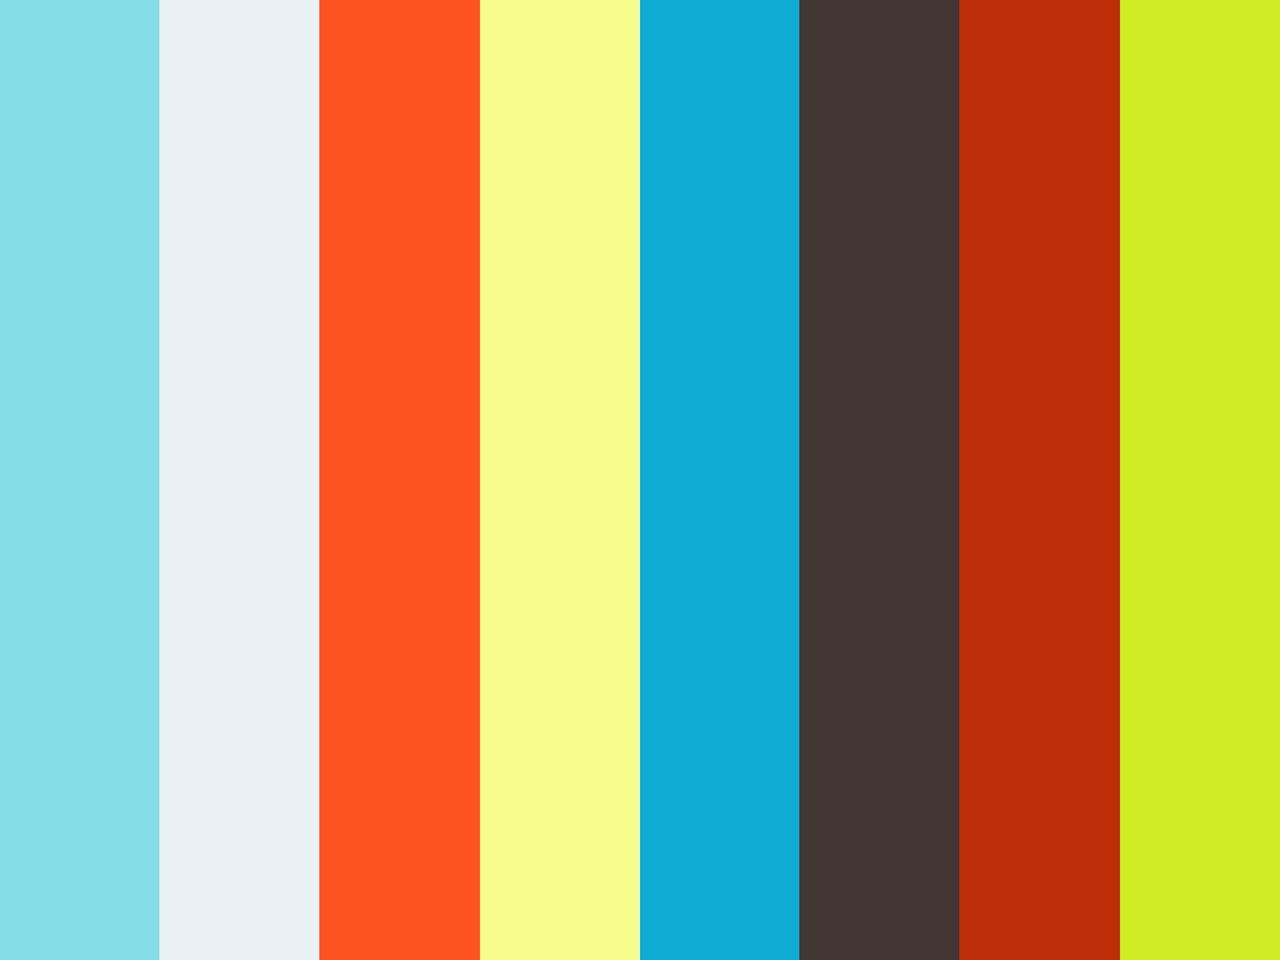 Death Note 2015 Episódio 3, Death Note Dorama 3, Death Note Dorama Ep 3, Death Note Dorama Episode 3, Death Note Dorama Anime Episode 3, Assistir Death Note Dorama Episódio 3, Assistir Death Note Dorama Ep 3, death note dorama 2015 ep 3, Death Note 2015, Death Note Live Action, Death Note Dorama Download, Death Note Dorama Anime Online, Death Note Dorama Anime, Death Note Dorama Online, Todos os Episódios de Death Note Dorama, Death Note Dorama Todos os Episódios Online, Death Note Dorama Primeira Temporada, Animes Onlines, Baixar, Download, Dublado, Grátis, Epi